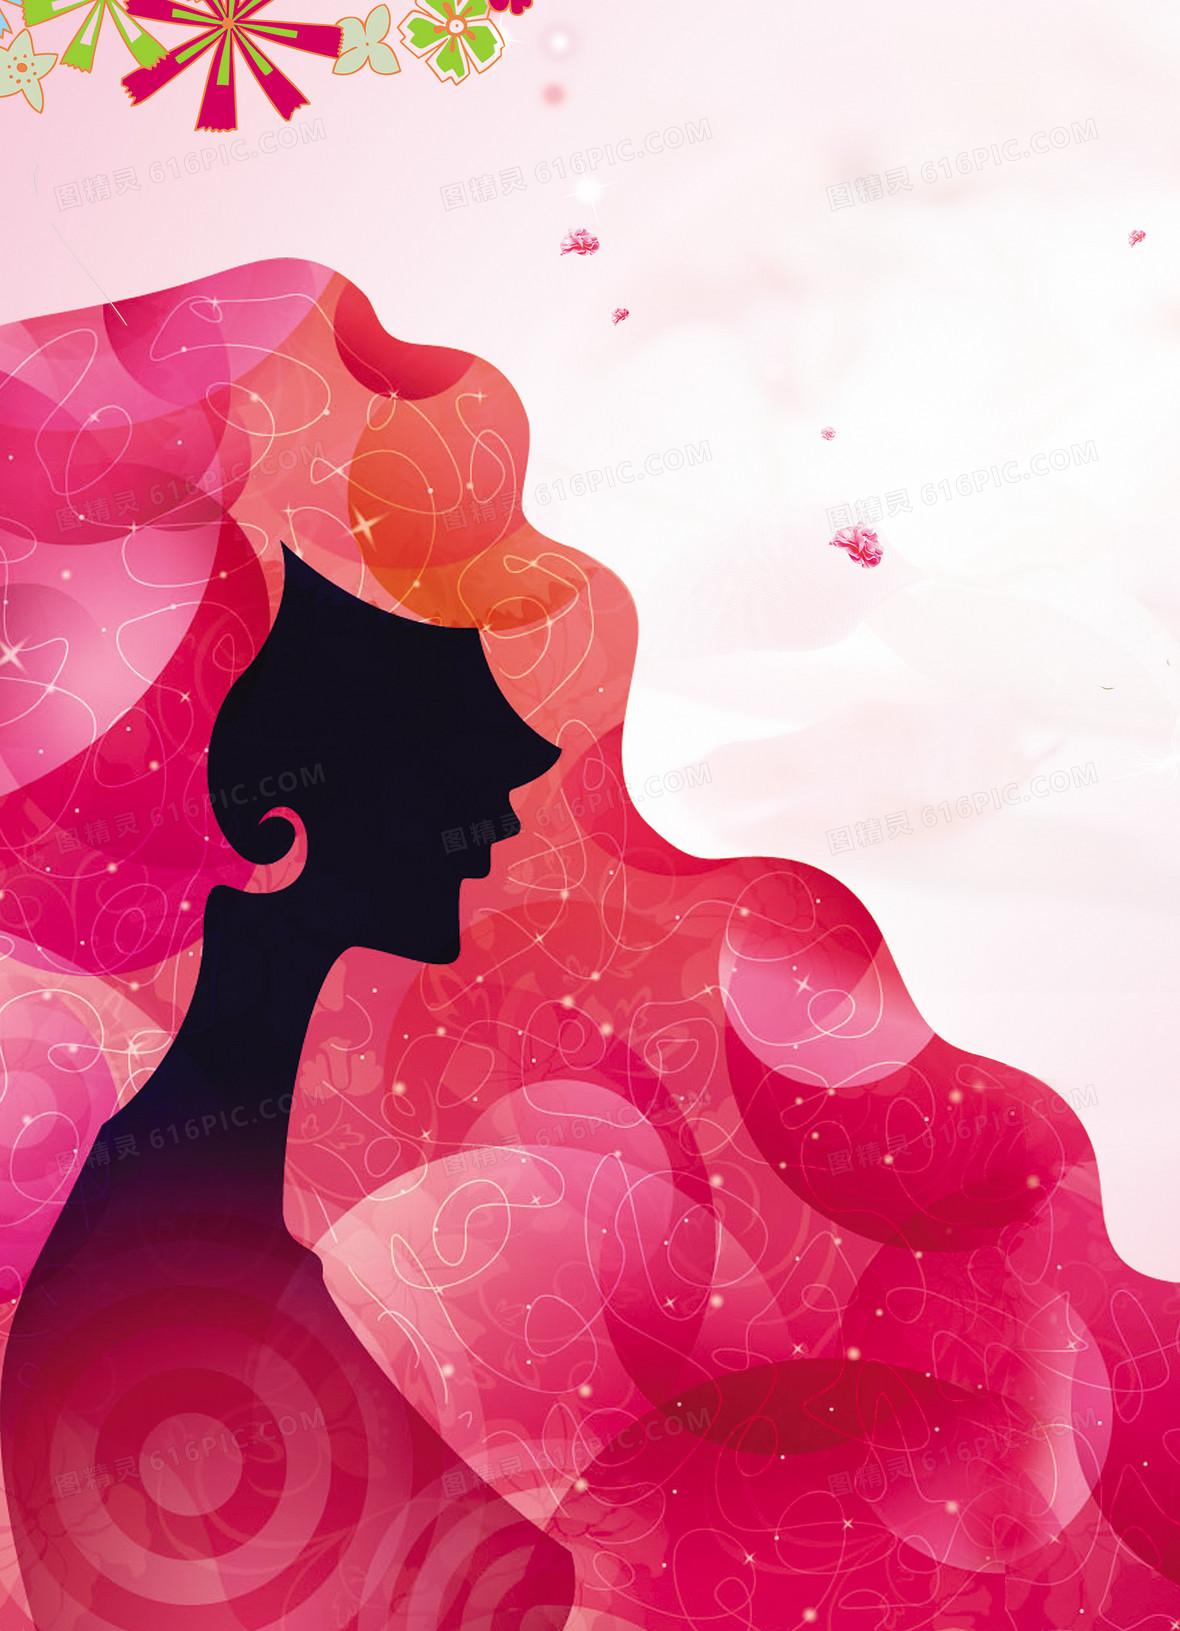 妇女节手绘背景海报素材